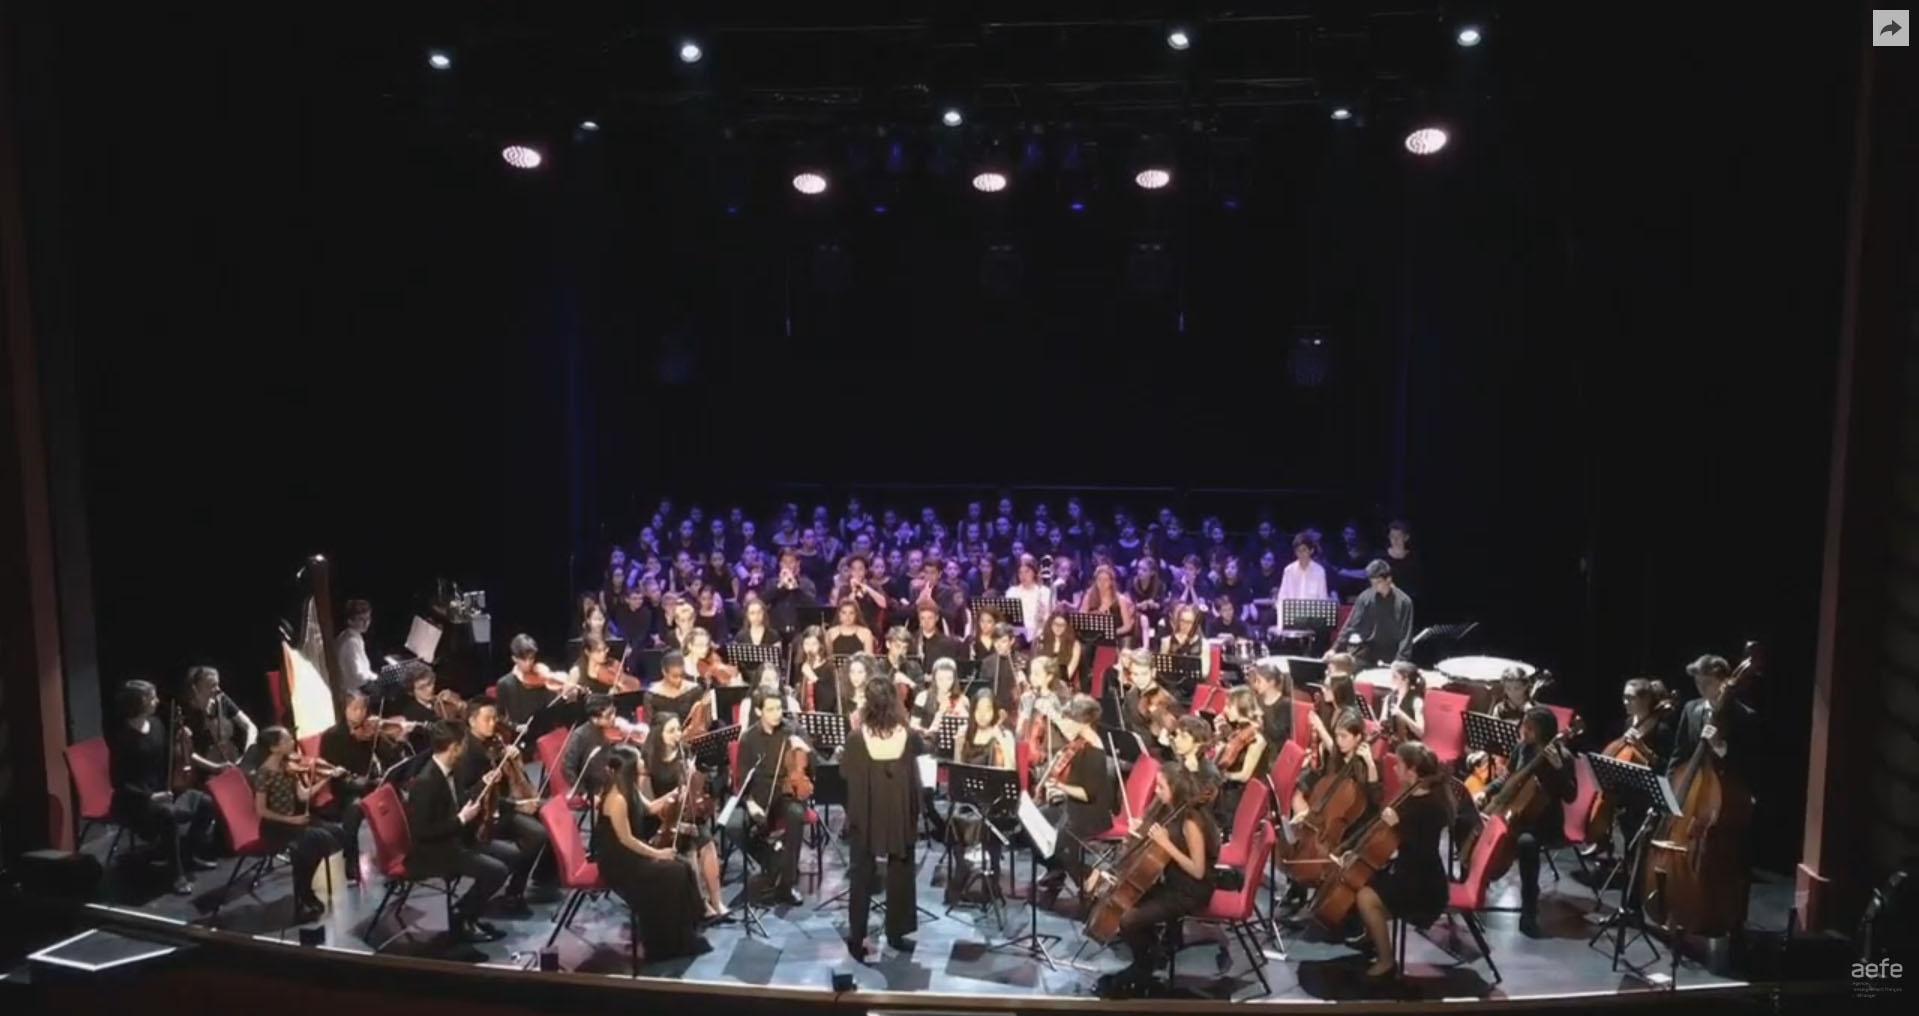 Οι 4 μαθητές μας της ορχήστρας των γαλλικών σχολείων του κόσμου στο Παρίσι, με την υποστήριξη της orchestre de  Radio-France au Comedia για την τελική συναυλία